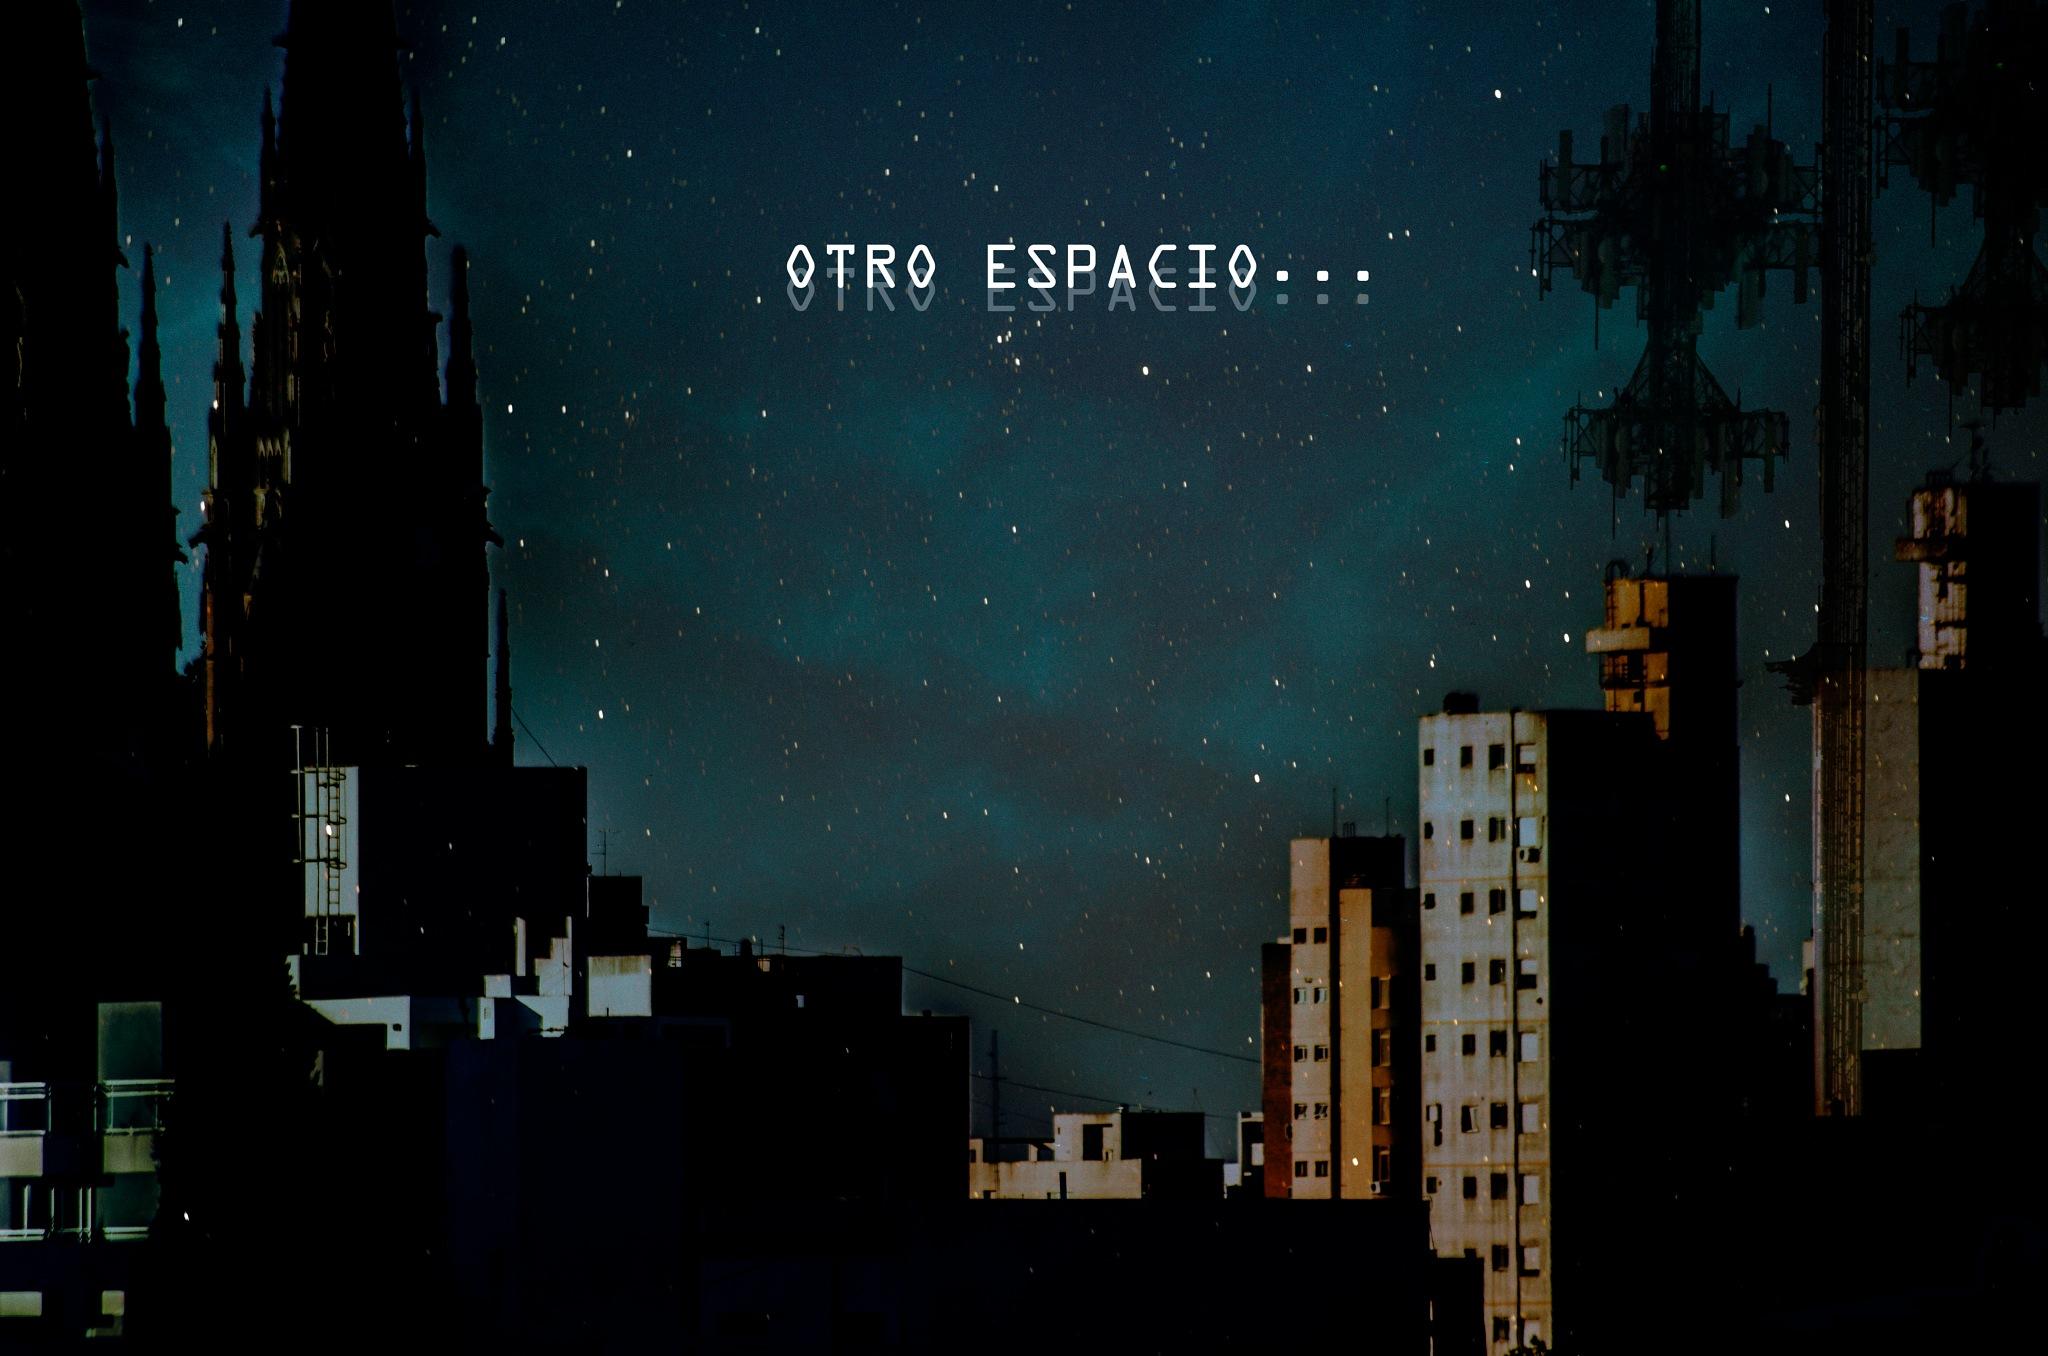 otro espacio by Bxstis